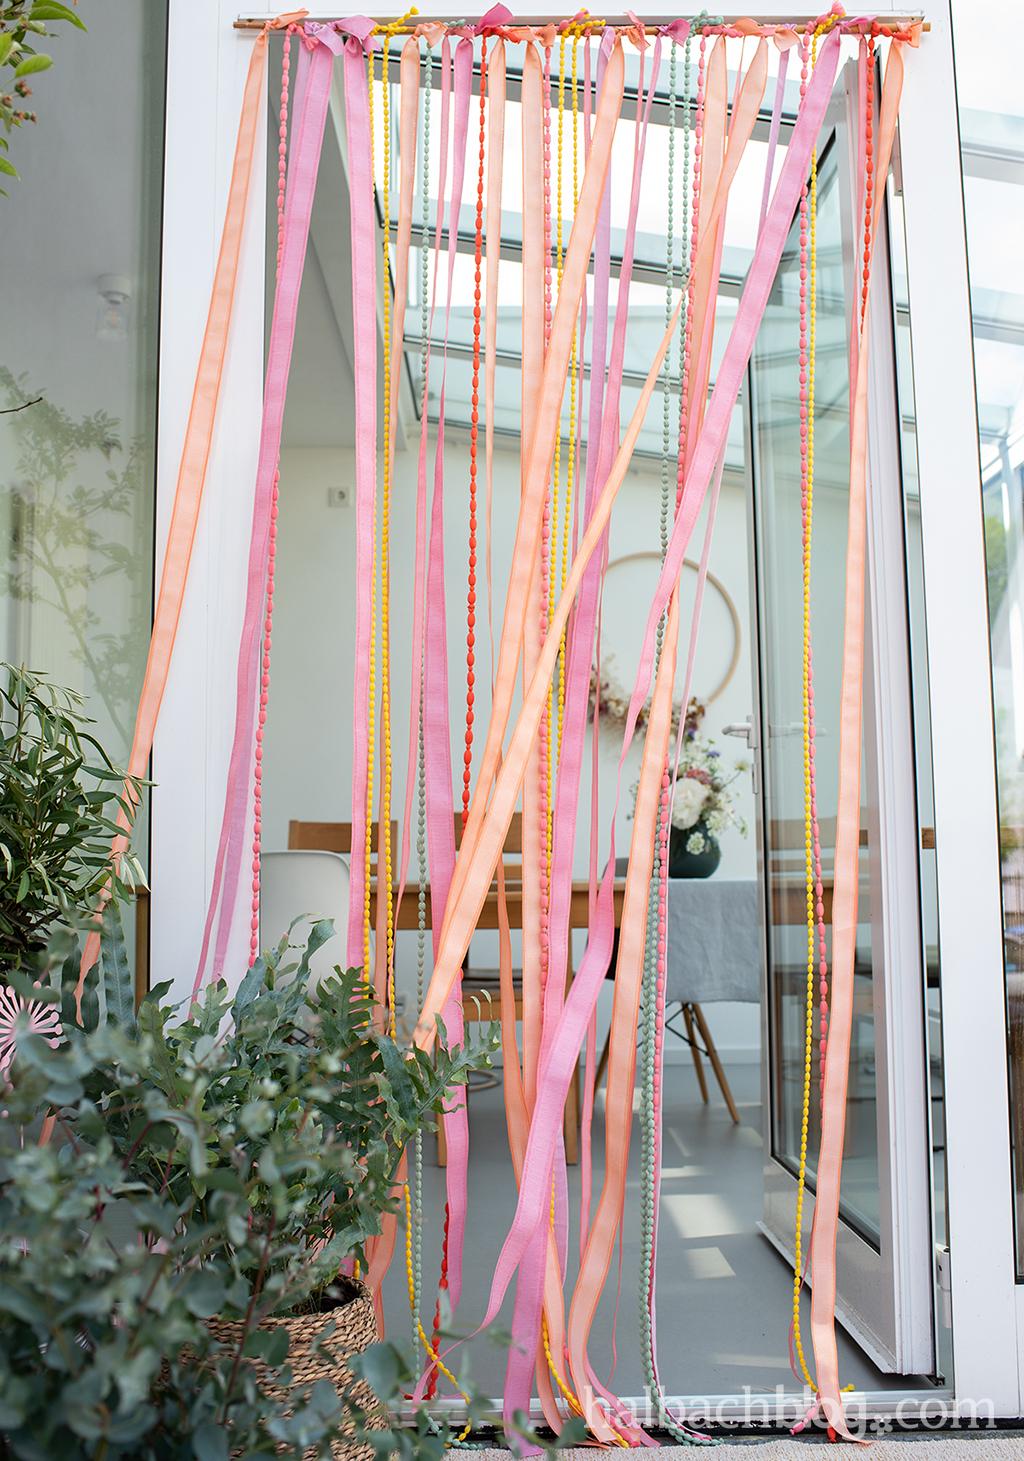 Halbachblog I Outdoor I Sommer I DIY Bändervorhang für die Tür I bunt I wetterfeste Bänder